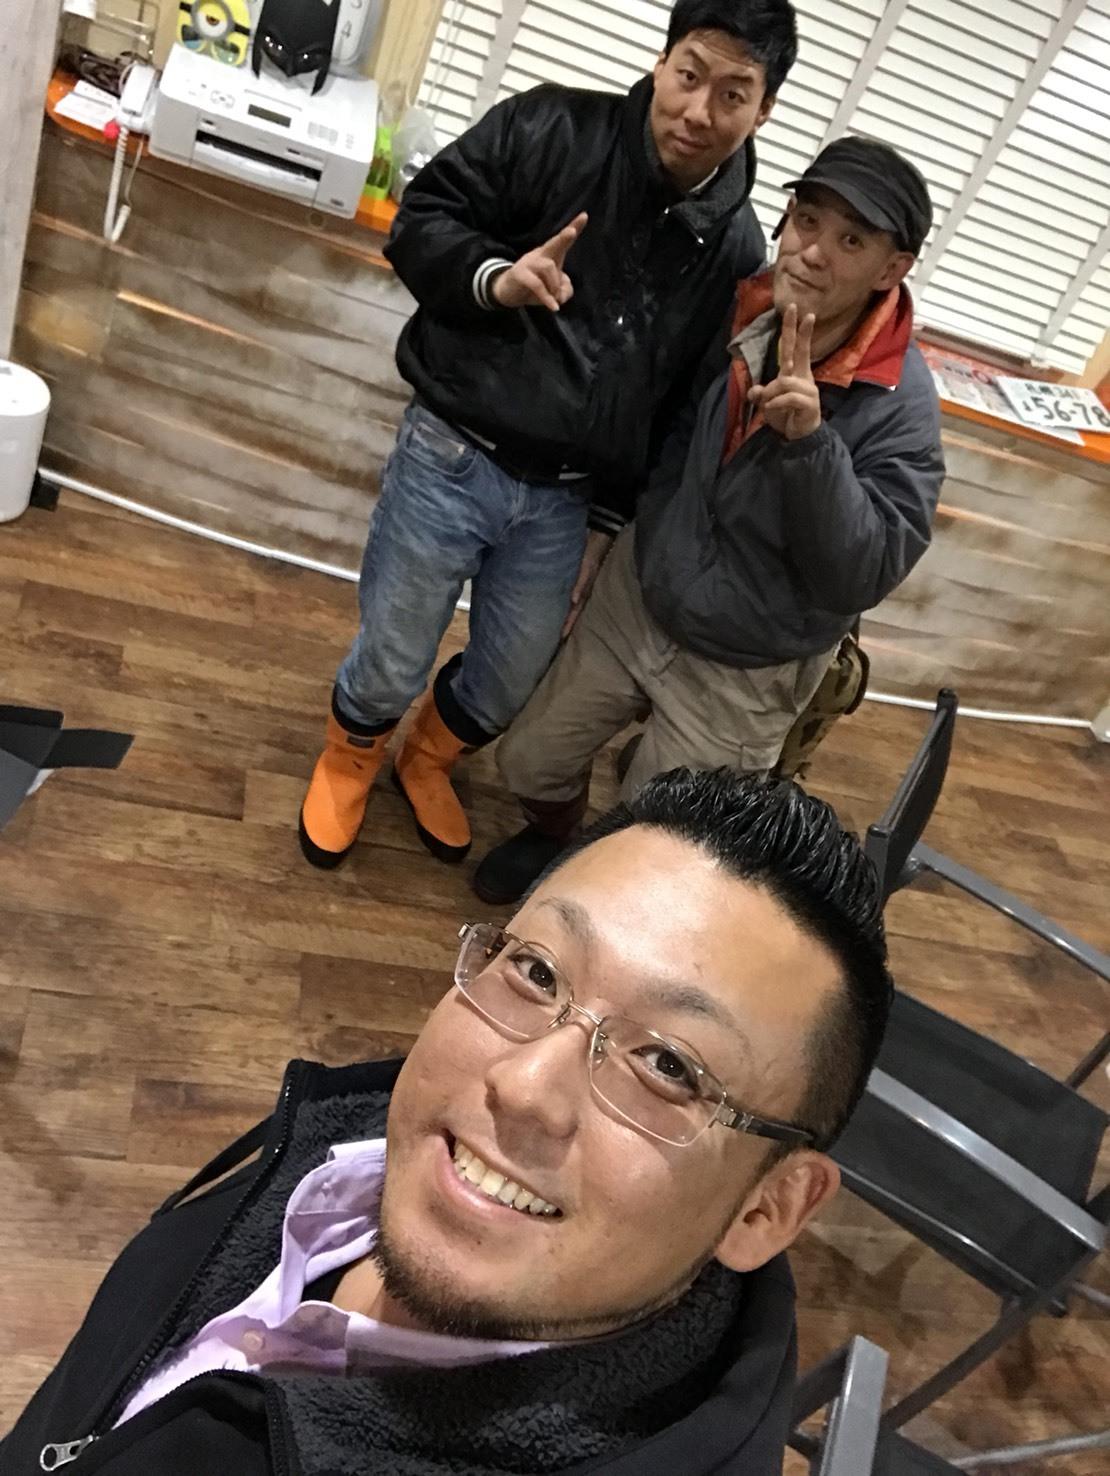 12月27日(水)トミーベース カスタムブログ☆LS600撮影開始!!サンタは大忙し!_b0127002_23341066.jpg